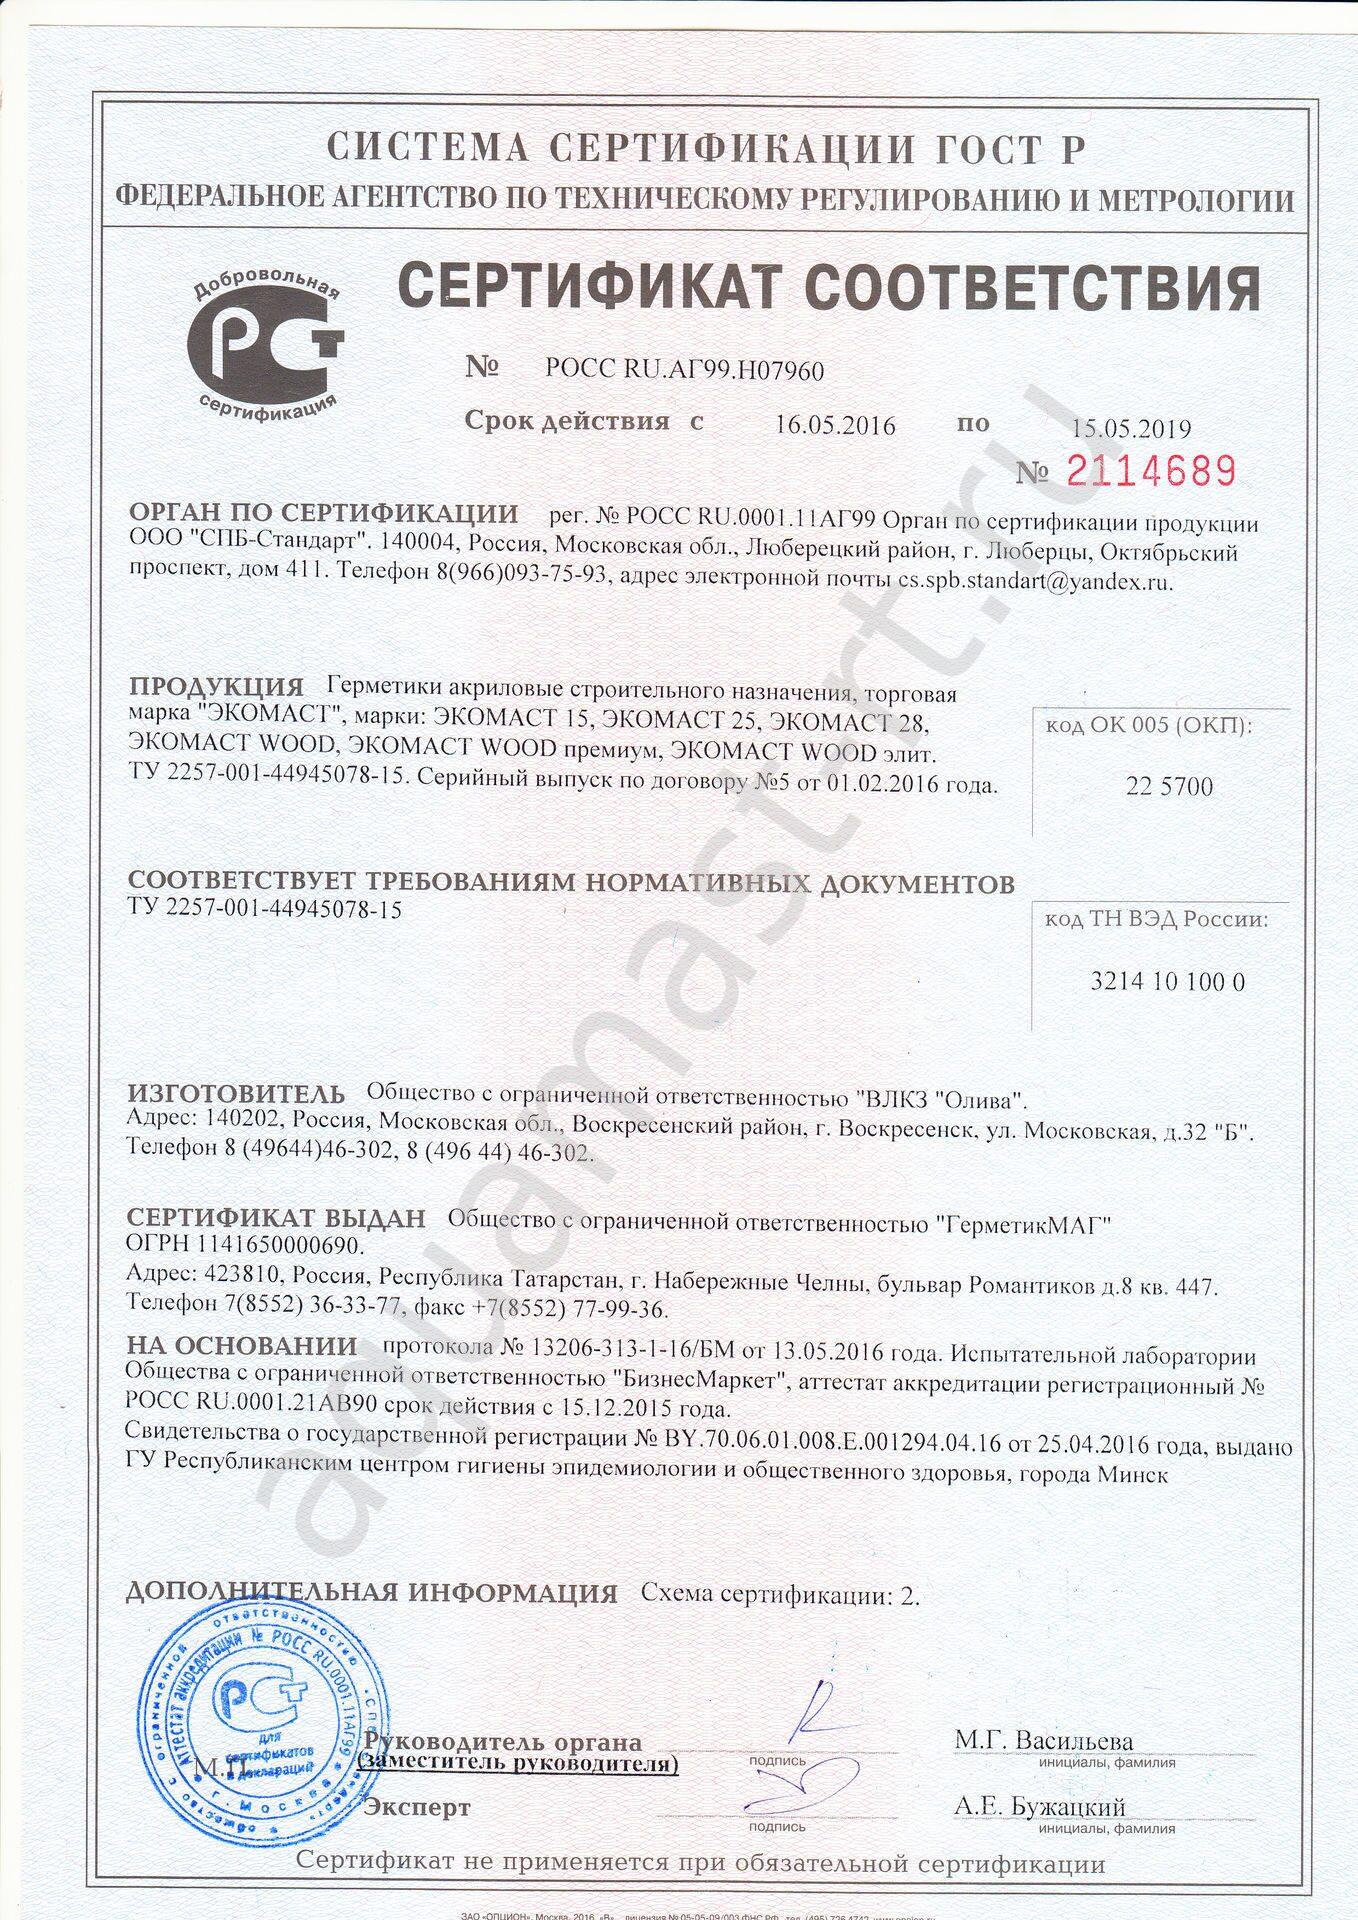 Мастика тегерон сертификат высокопроникающие преобразователи ржавчины